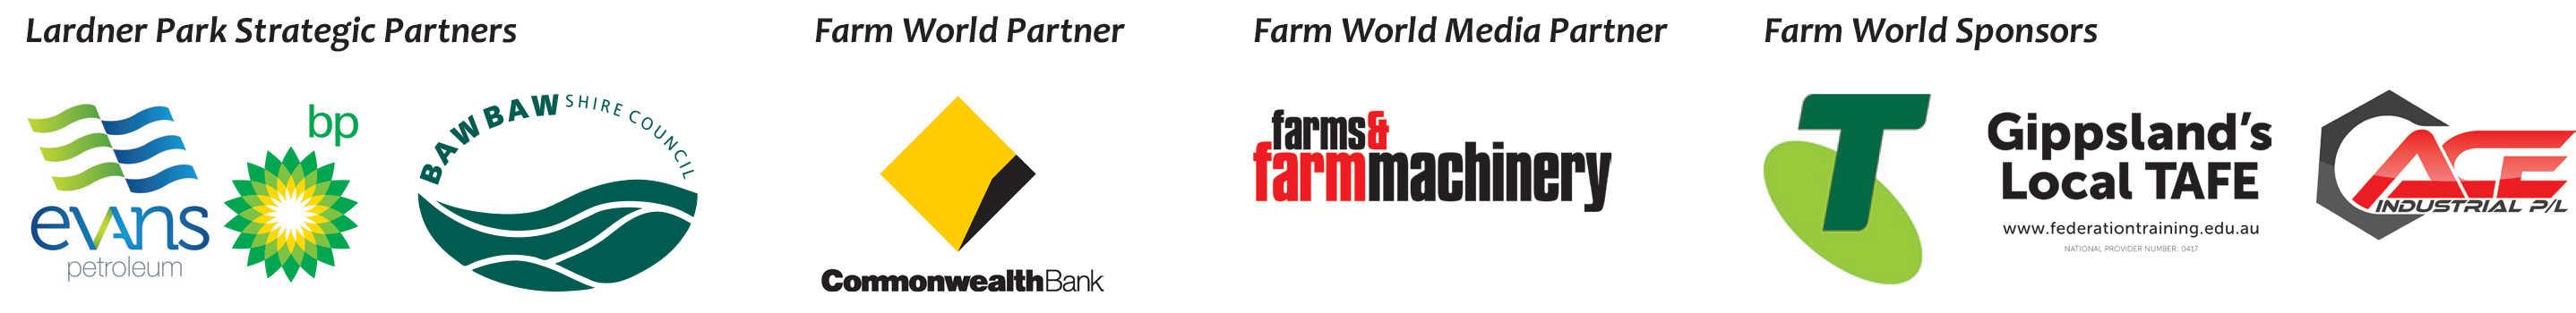 Lardner Park Strategic Partners and Farm World Sponsors